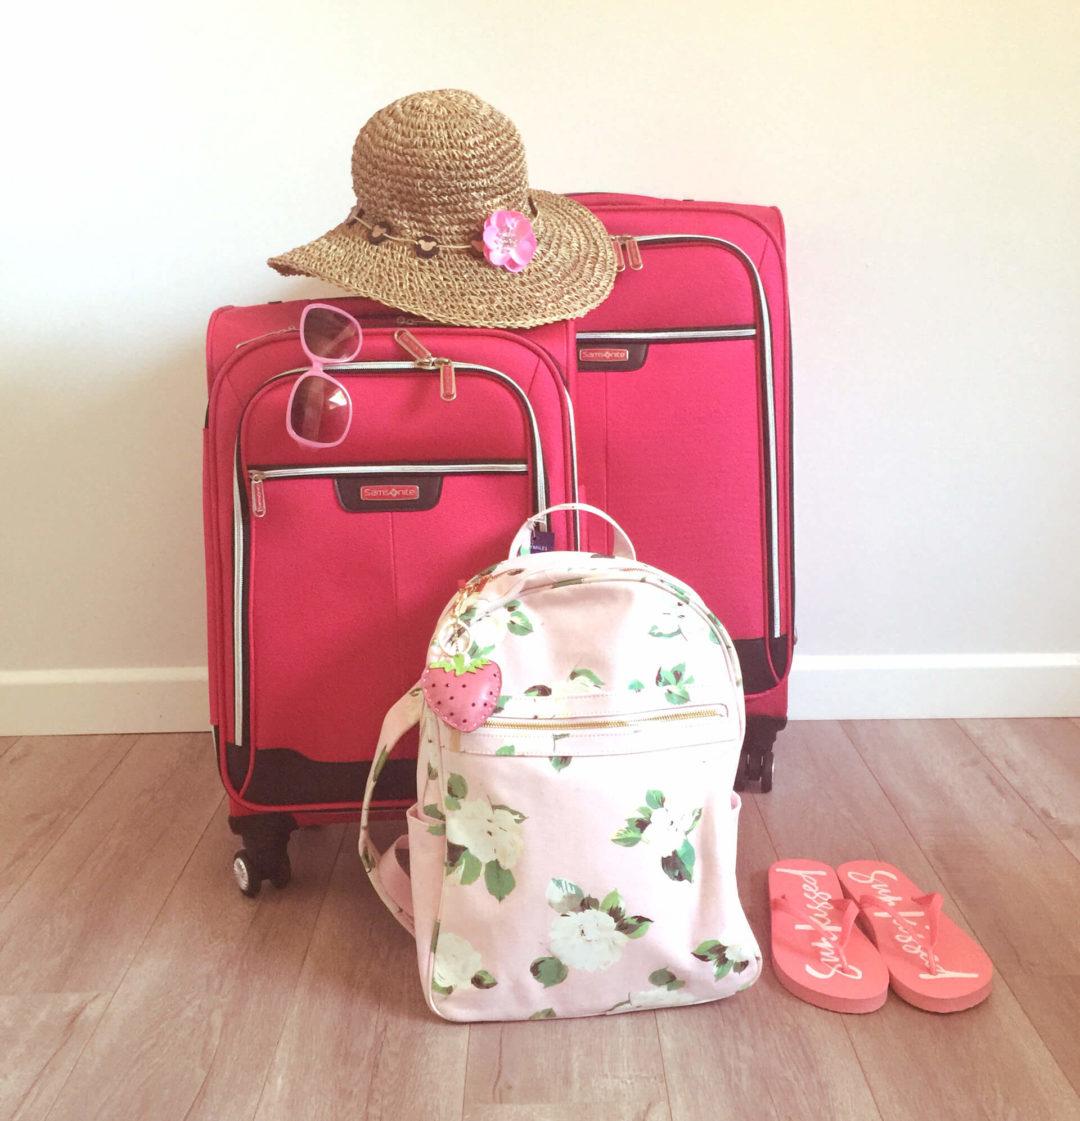 Καλοπακεταρισμένη καλοκαιρινή βαλίτσα